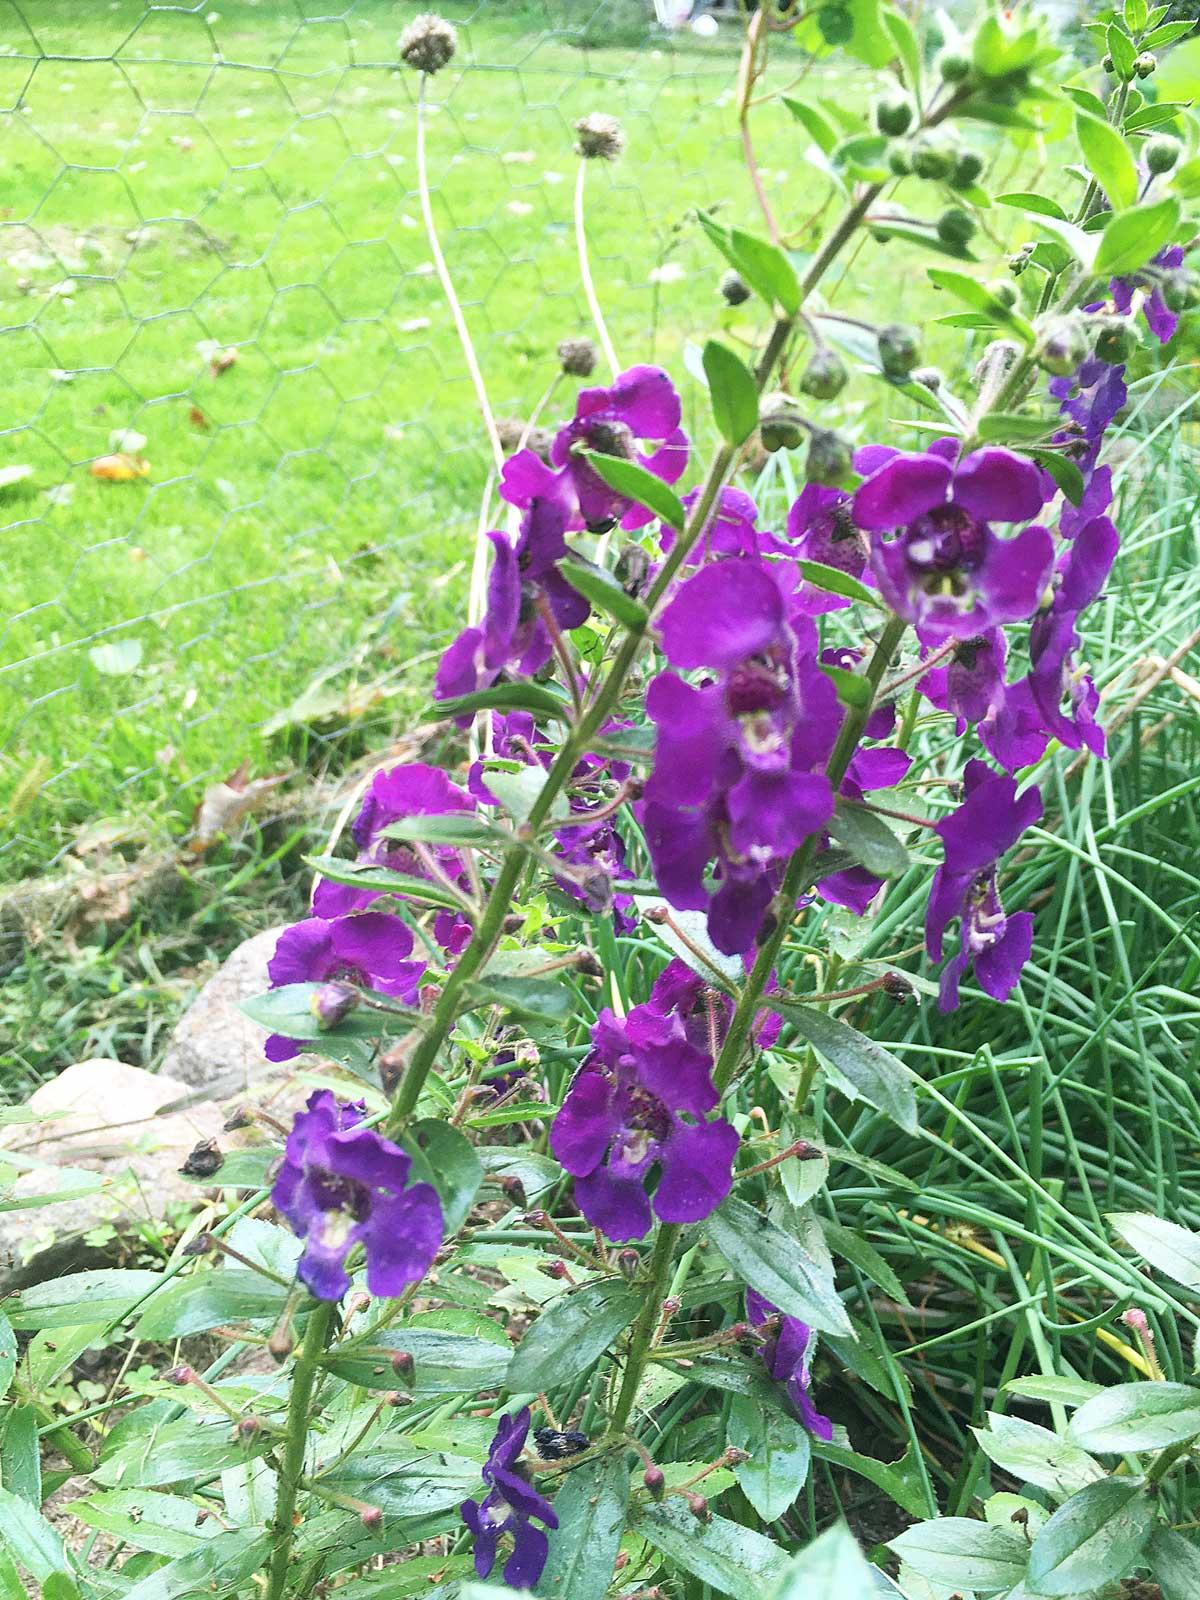 purple flowers in a green yard